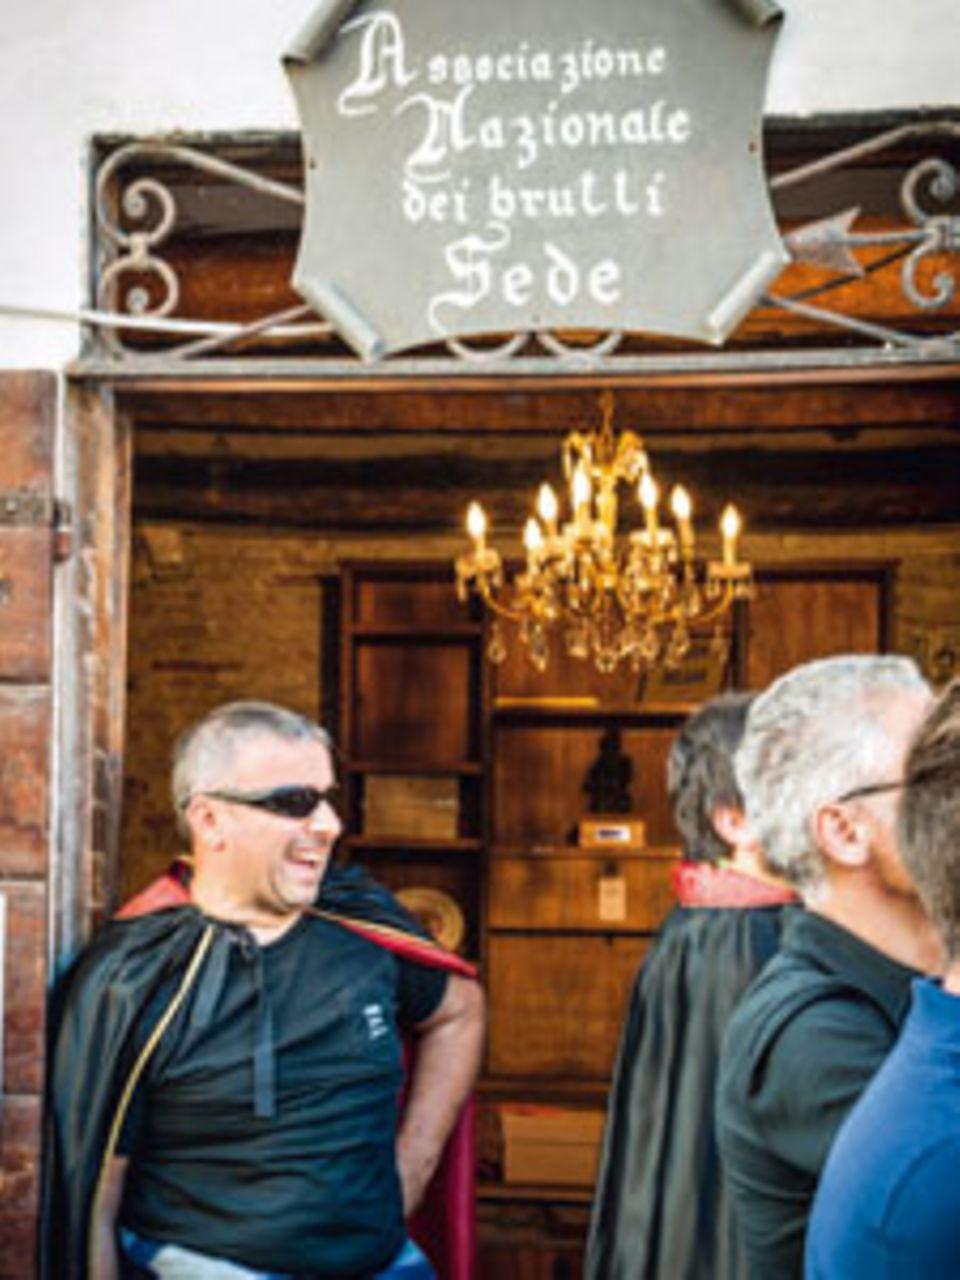 """In der Weltzentrale der Vereinigung der Hässlichen werden auch die Mitgliedsausweise ausgestellt. Kfz-Mechaniker Adriano Cucchiarini (links) ist Jurymitglied im """"No-bel""""- Preis-Komitee"""